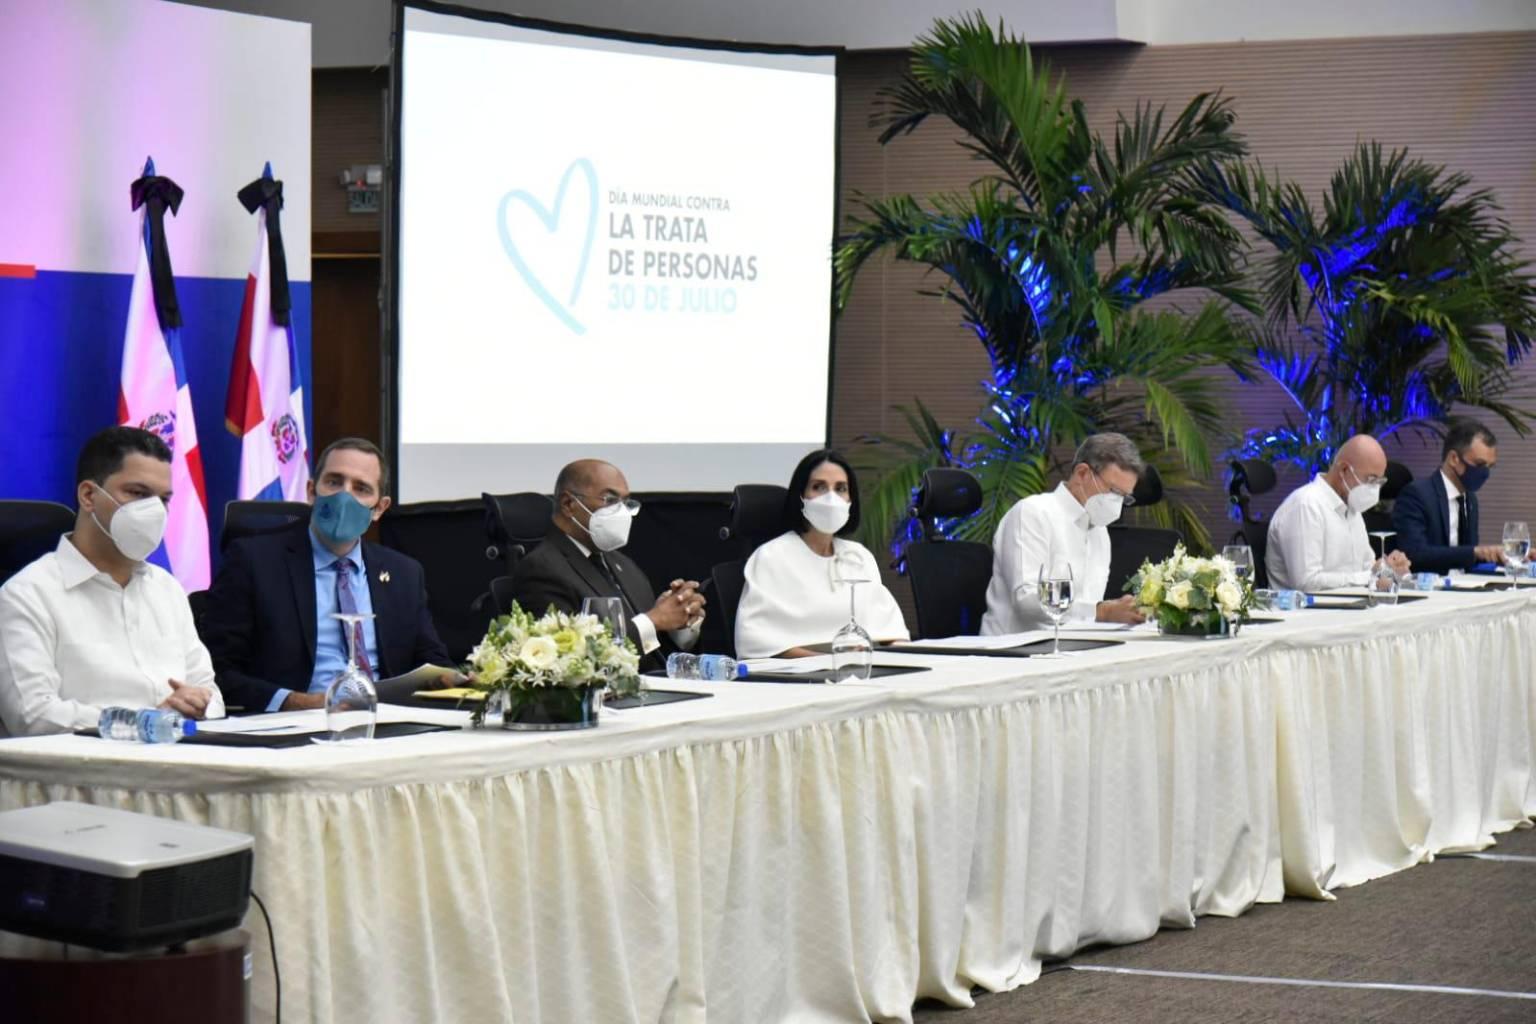 Gobierno dominicano destaca avances logrados para erradicar la Trata de Persona en el país